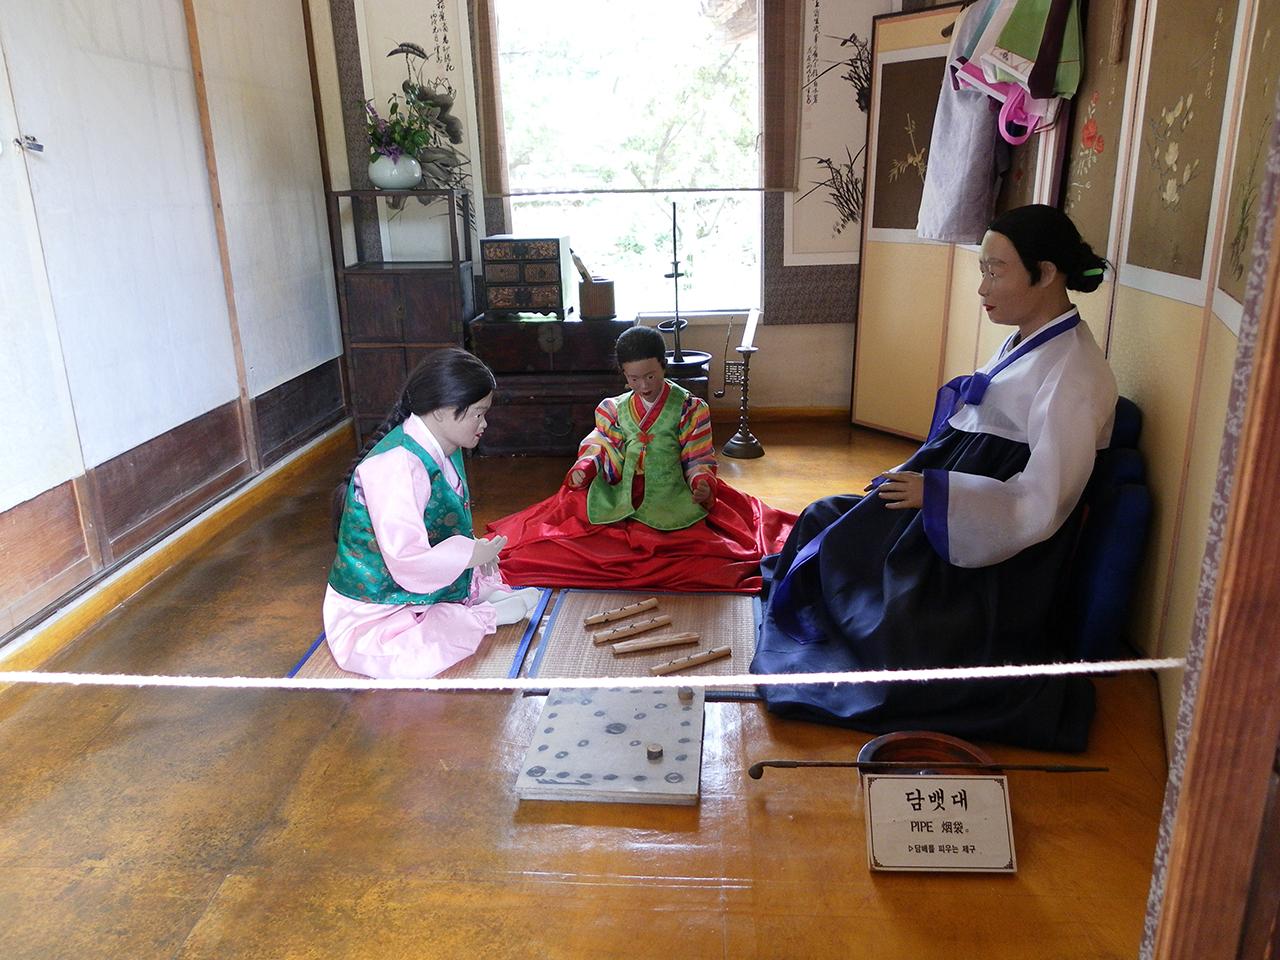 조선시대 여성. 경기도 용인시 한국민속촌에서 찍은 사진.